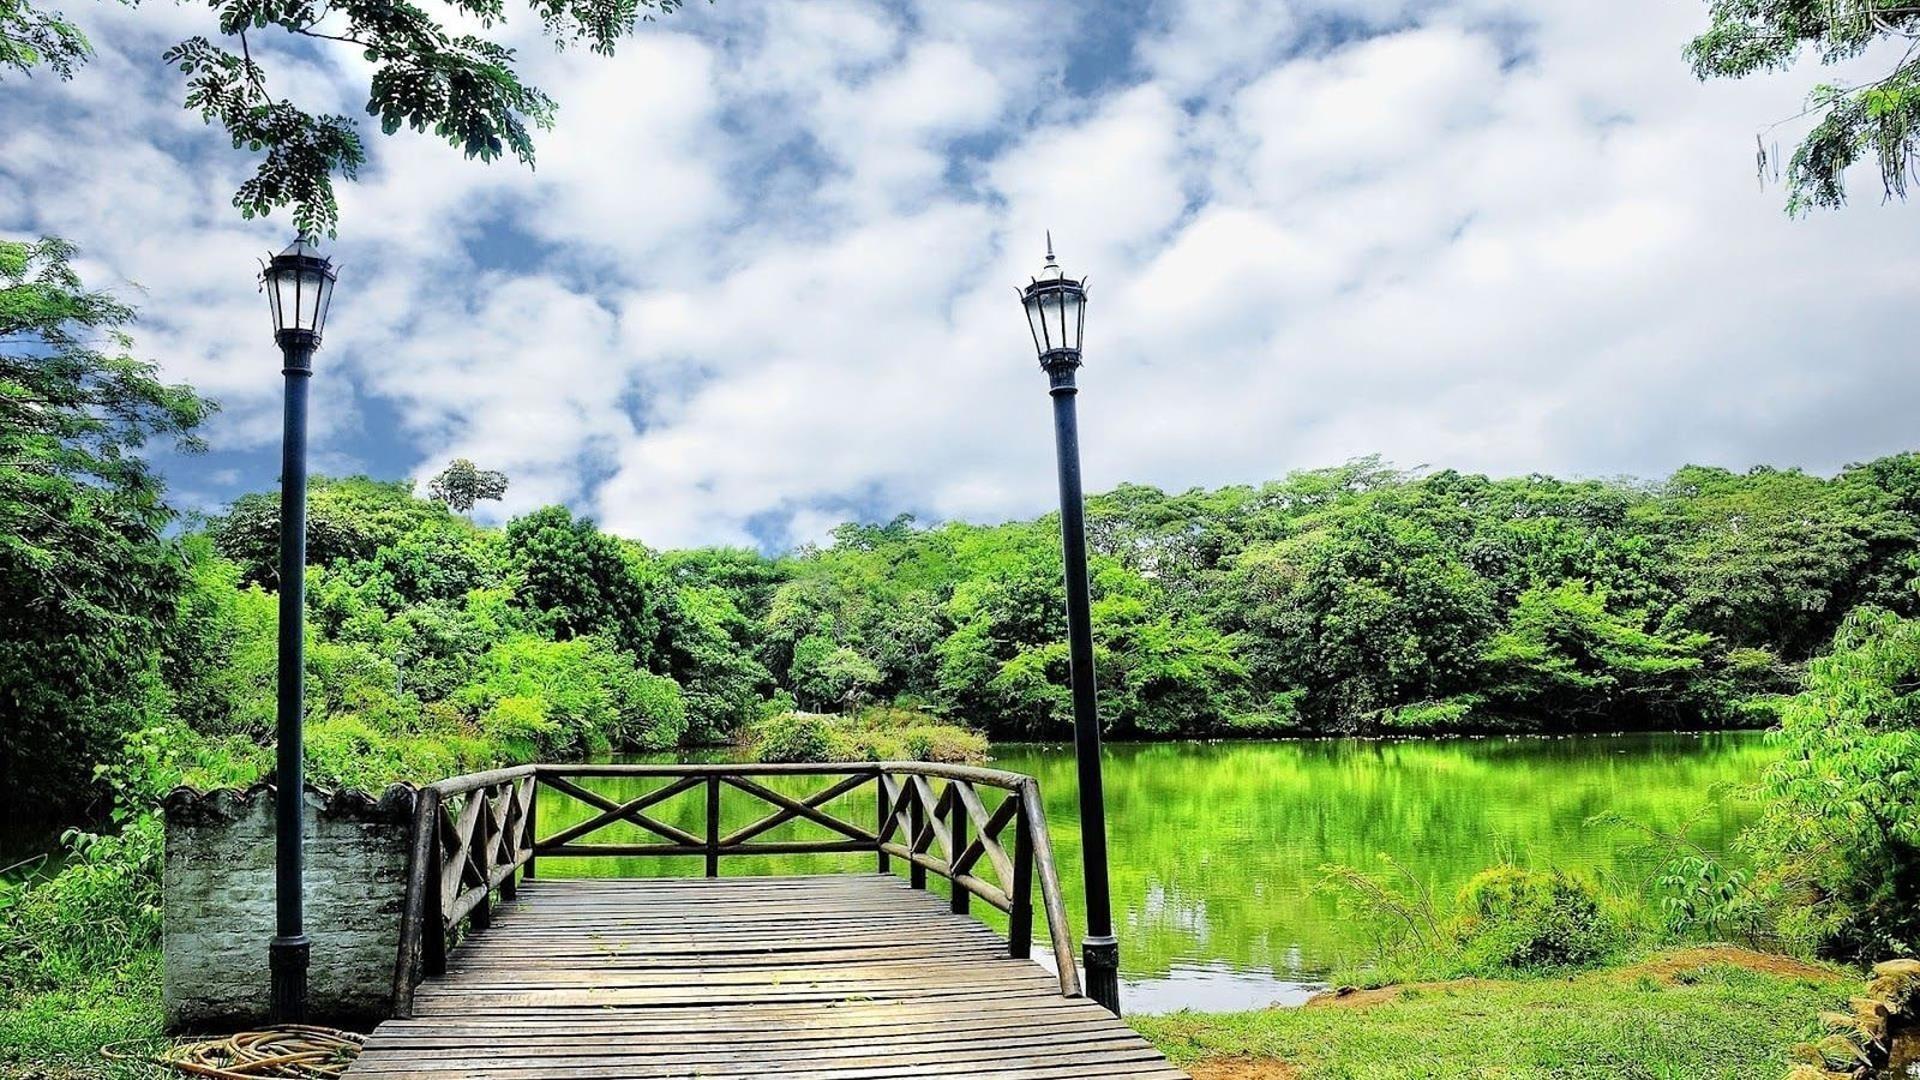 Деревянный причал перед водой зеленые деревья отражение на озере под белыми облаками пейзаж неба обои скачать